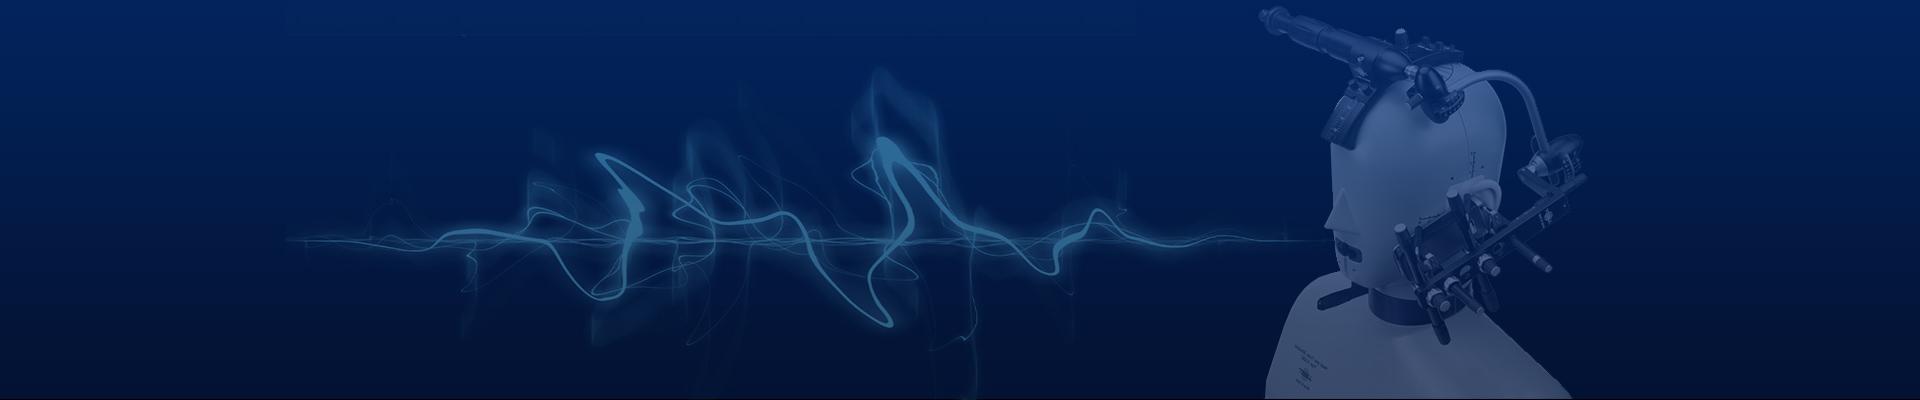 Specijalizovana oprema za merenje i analizu zvuka i vibracija